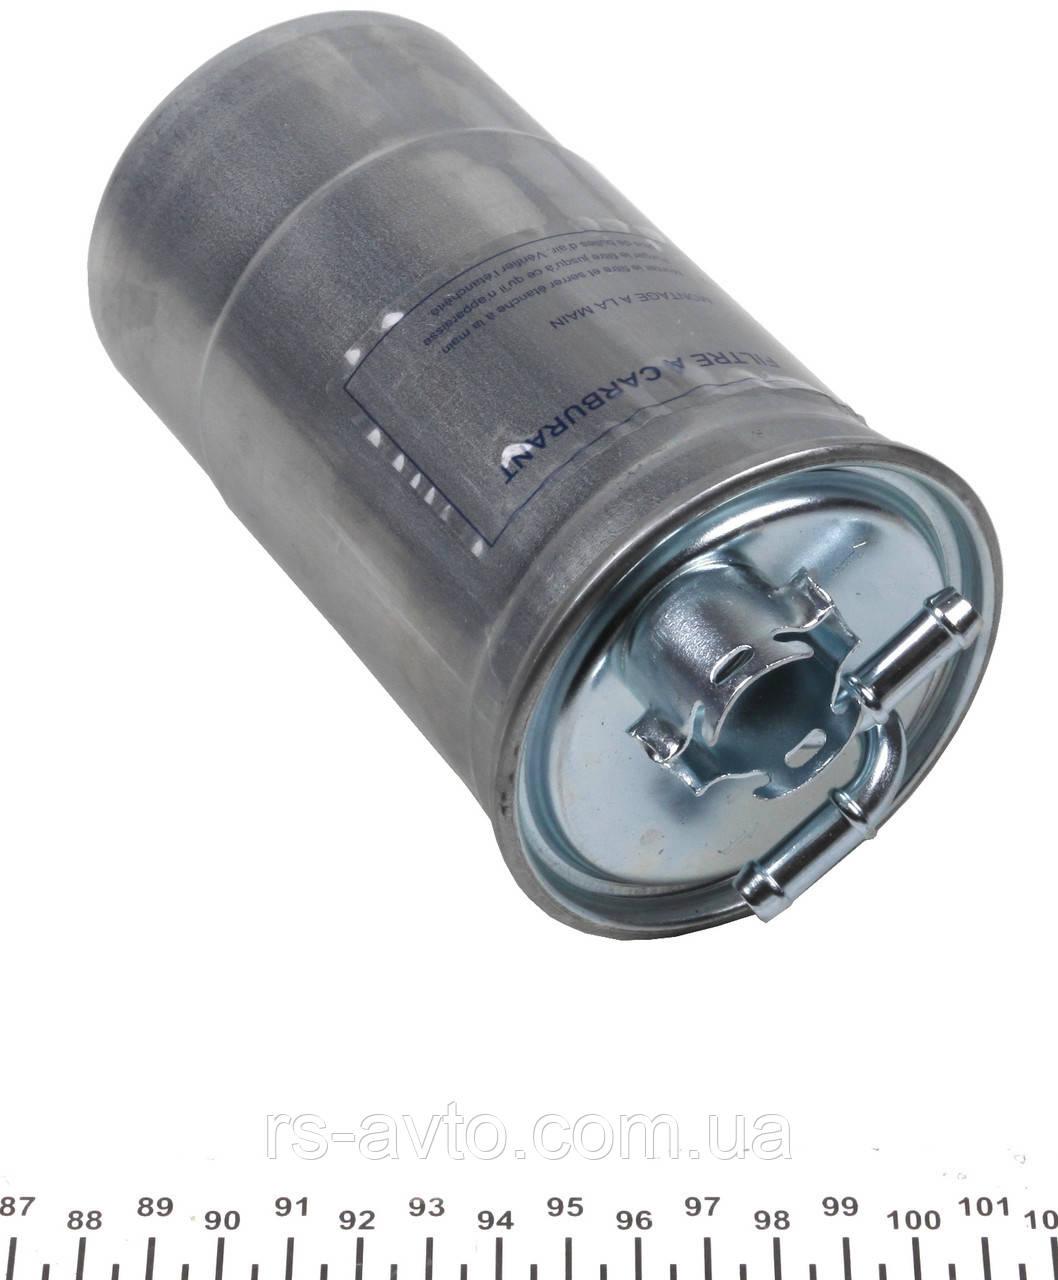 Фильтр топливный Т4 + ЛТ 2.5 - 2.8TDI, 96-06 Франция FCS711